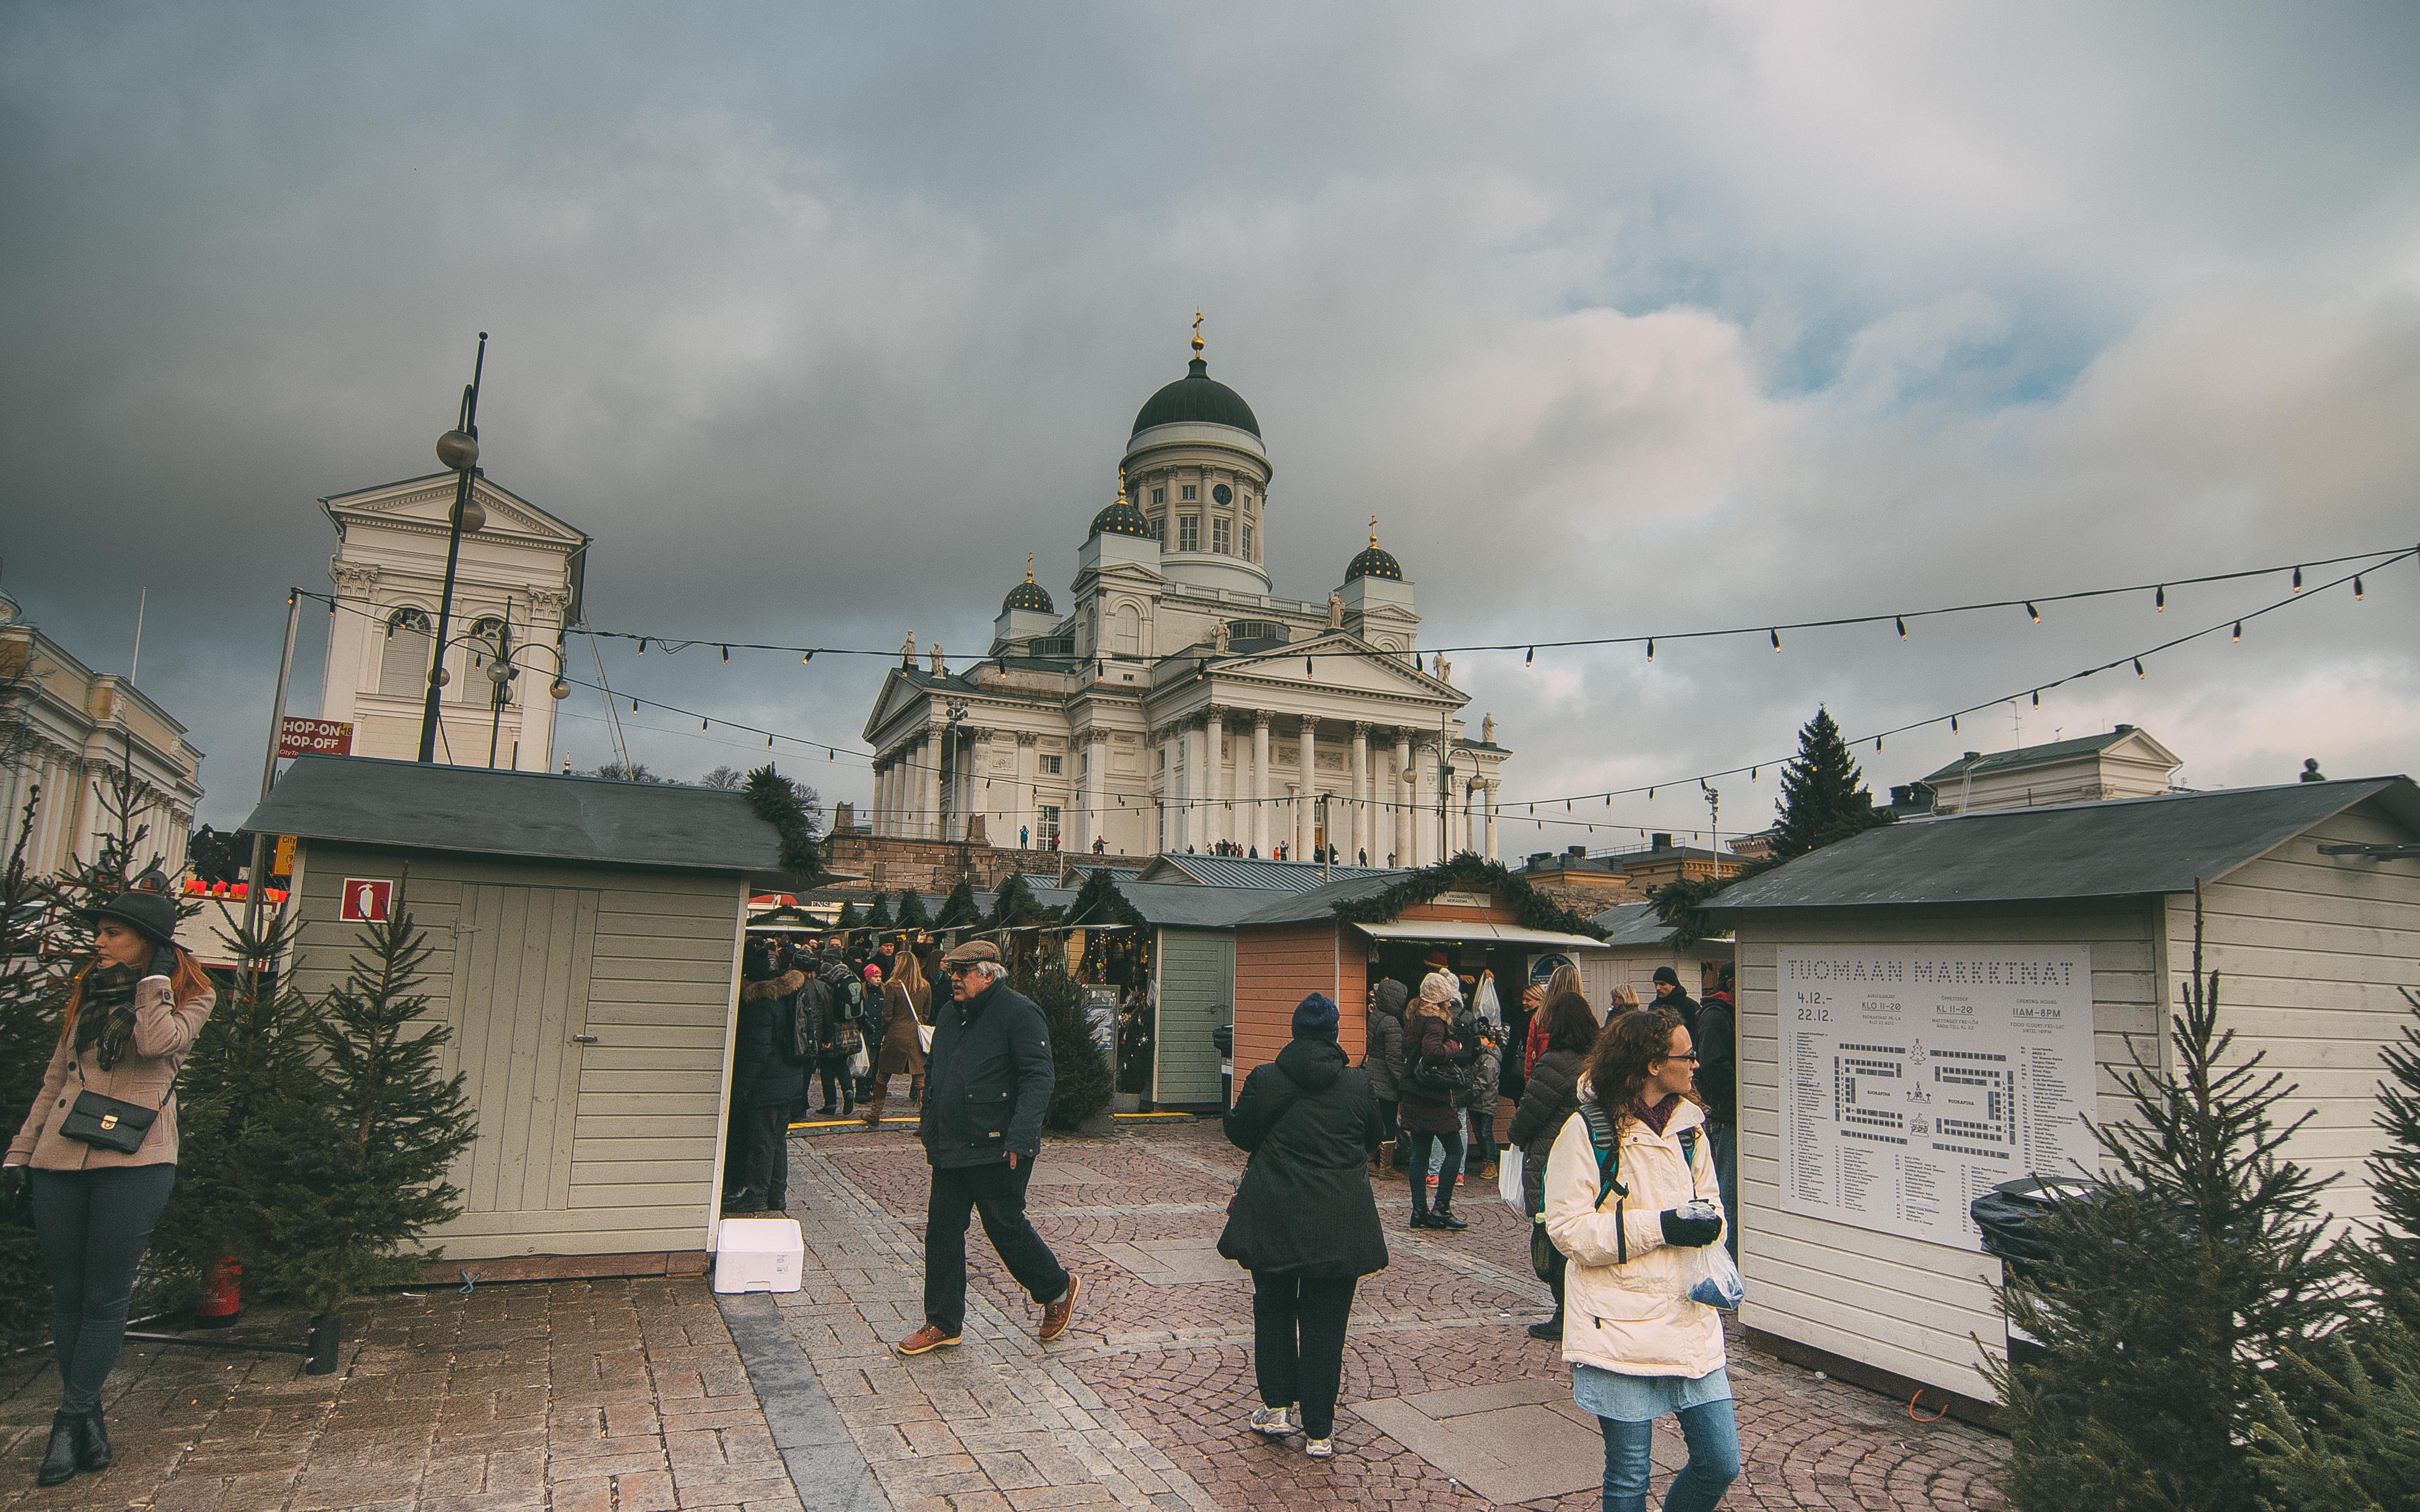 Кафедральный собор, Сенатская площадь, центральная площадь Хельсинки, Финлядния, путешествие в европу, helsingin tuomiokirkko helsingfors domkyrka